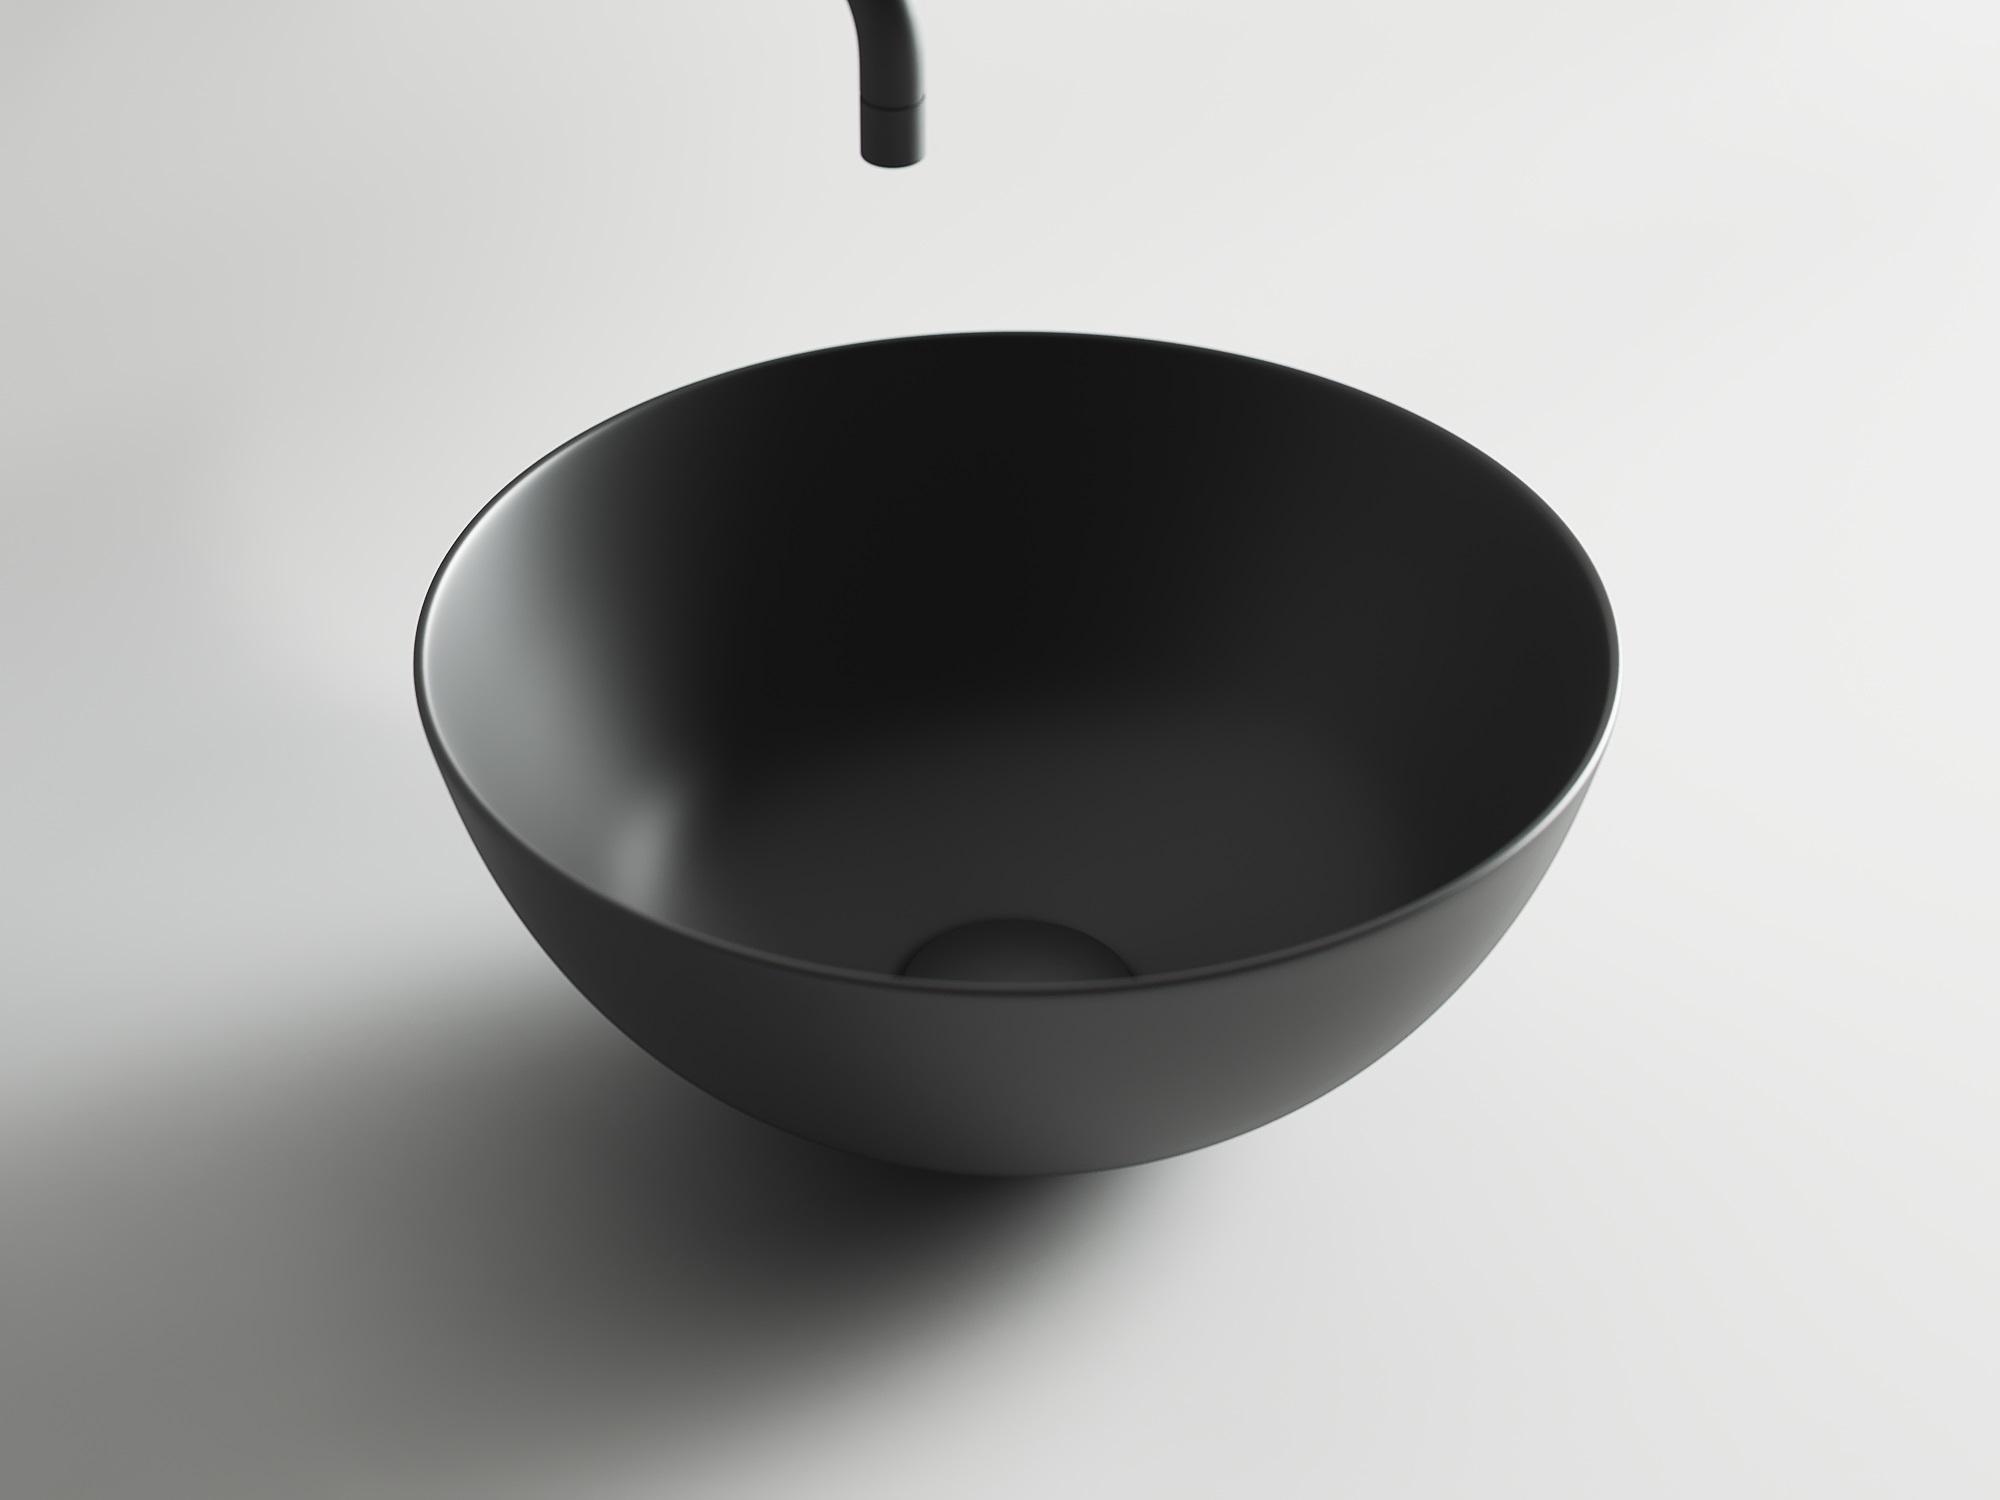 Умывальник чаша накладная круглая (цвет Чёрный Матовый) Element 358*358*155мм